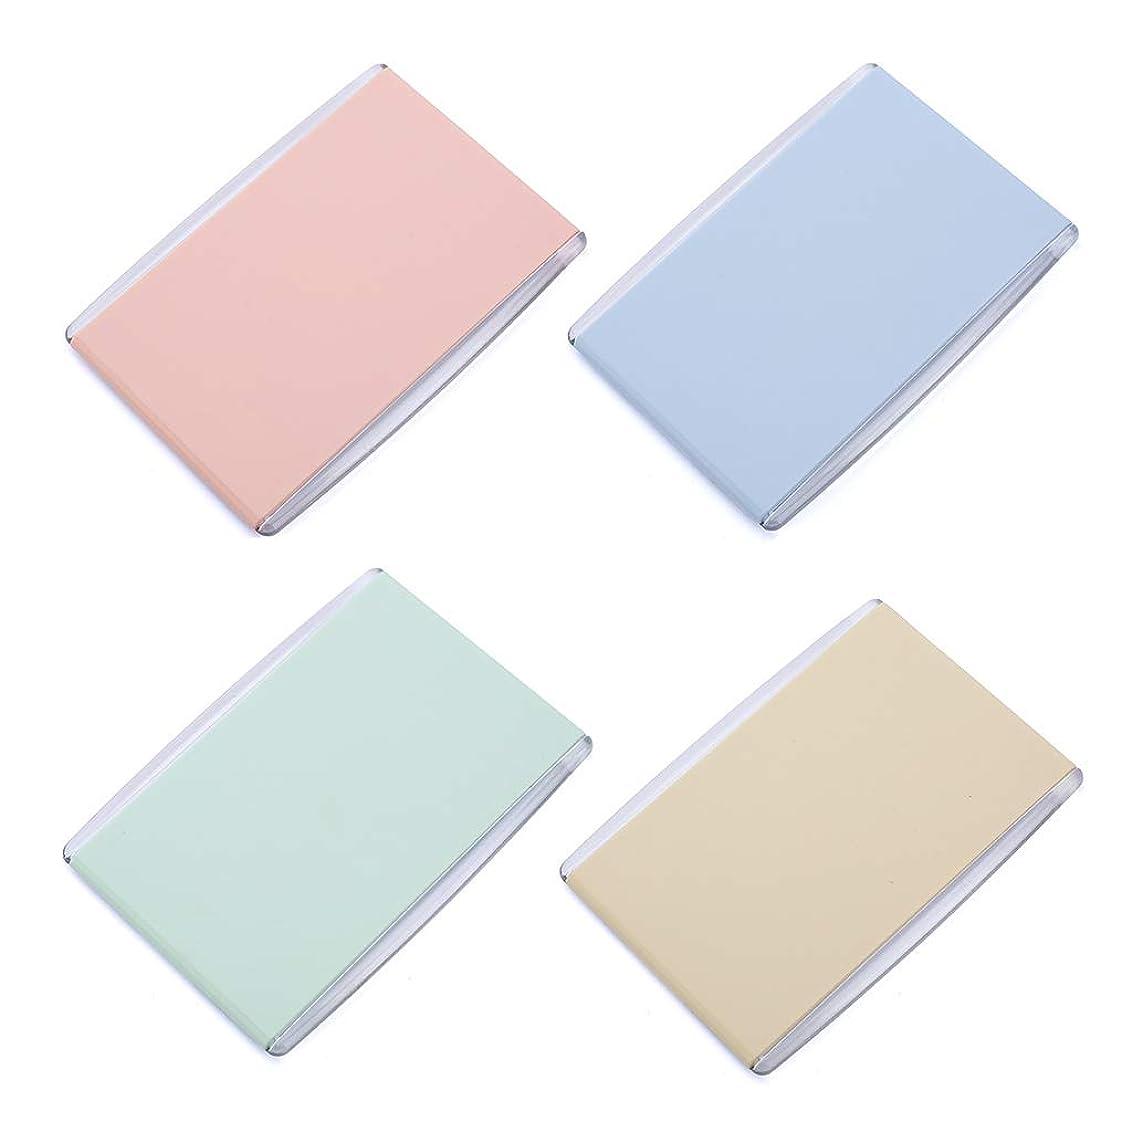 優先メロディー組み込むManyao 1Pc女性の女の子ポータブル折りたたみ長方形7.8x11cmミニコンパクトポケットミラーキャンディーカラー片面の旅行デスクトップの化粧品ツール